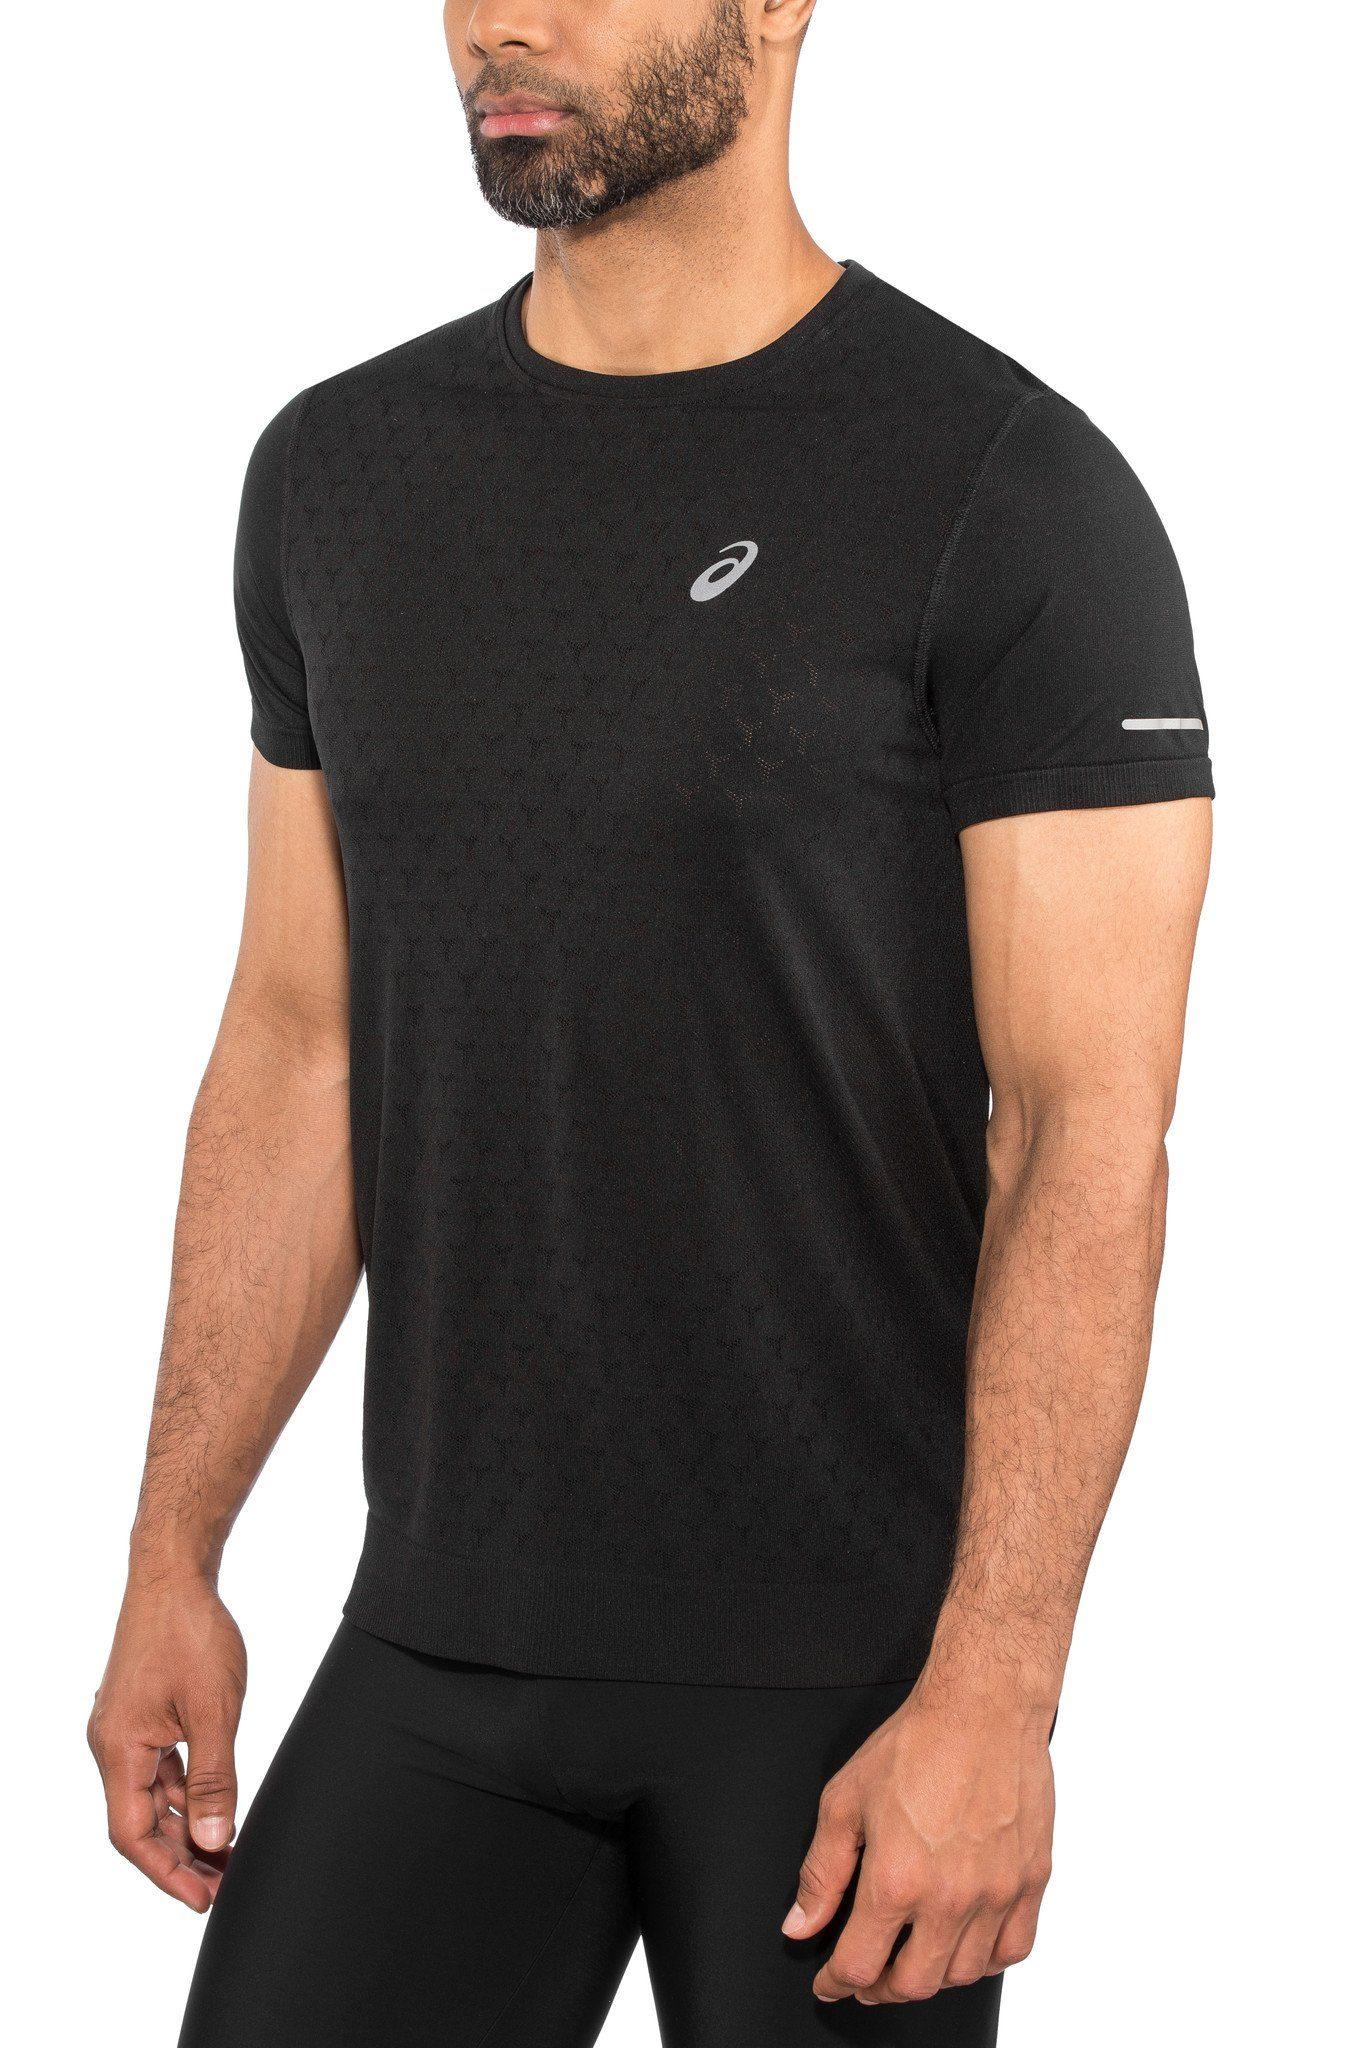 Asics T Shirt »Gel Cool SS Top Herren«, Modelljahr 2019 online kaufen | OTTO